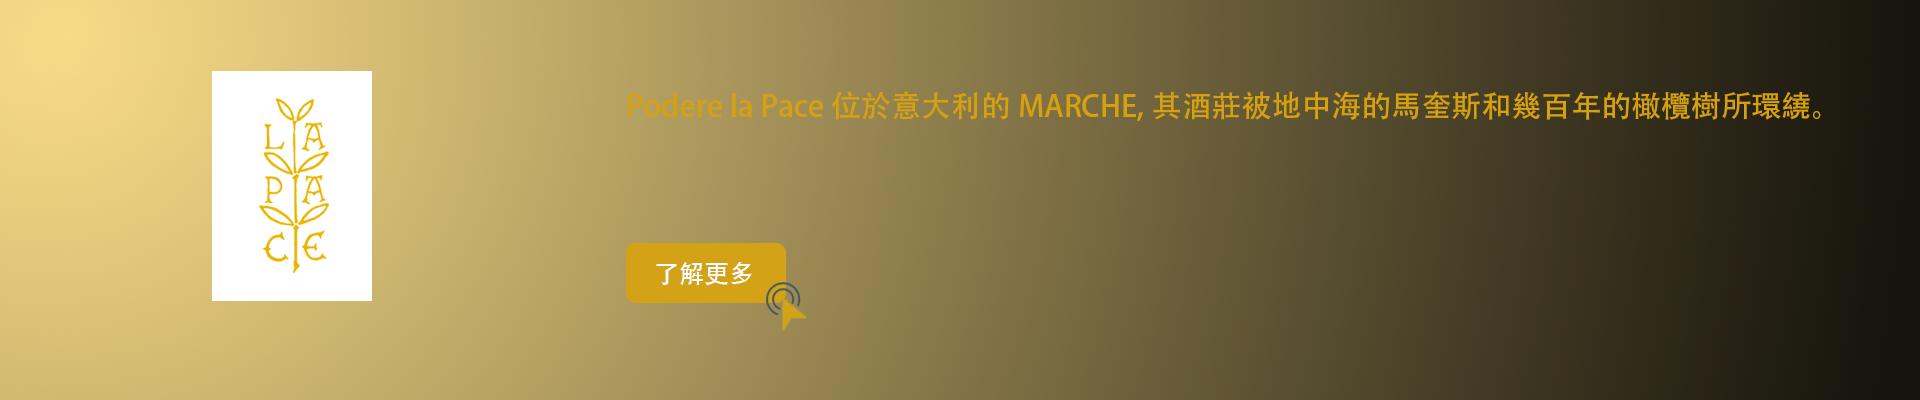 Podere la Pace